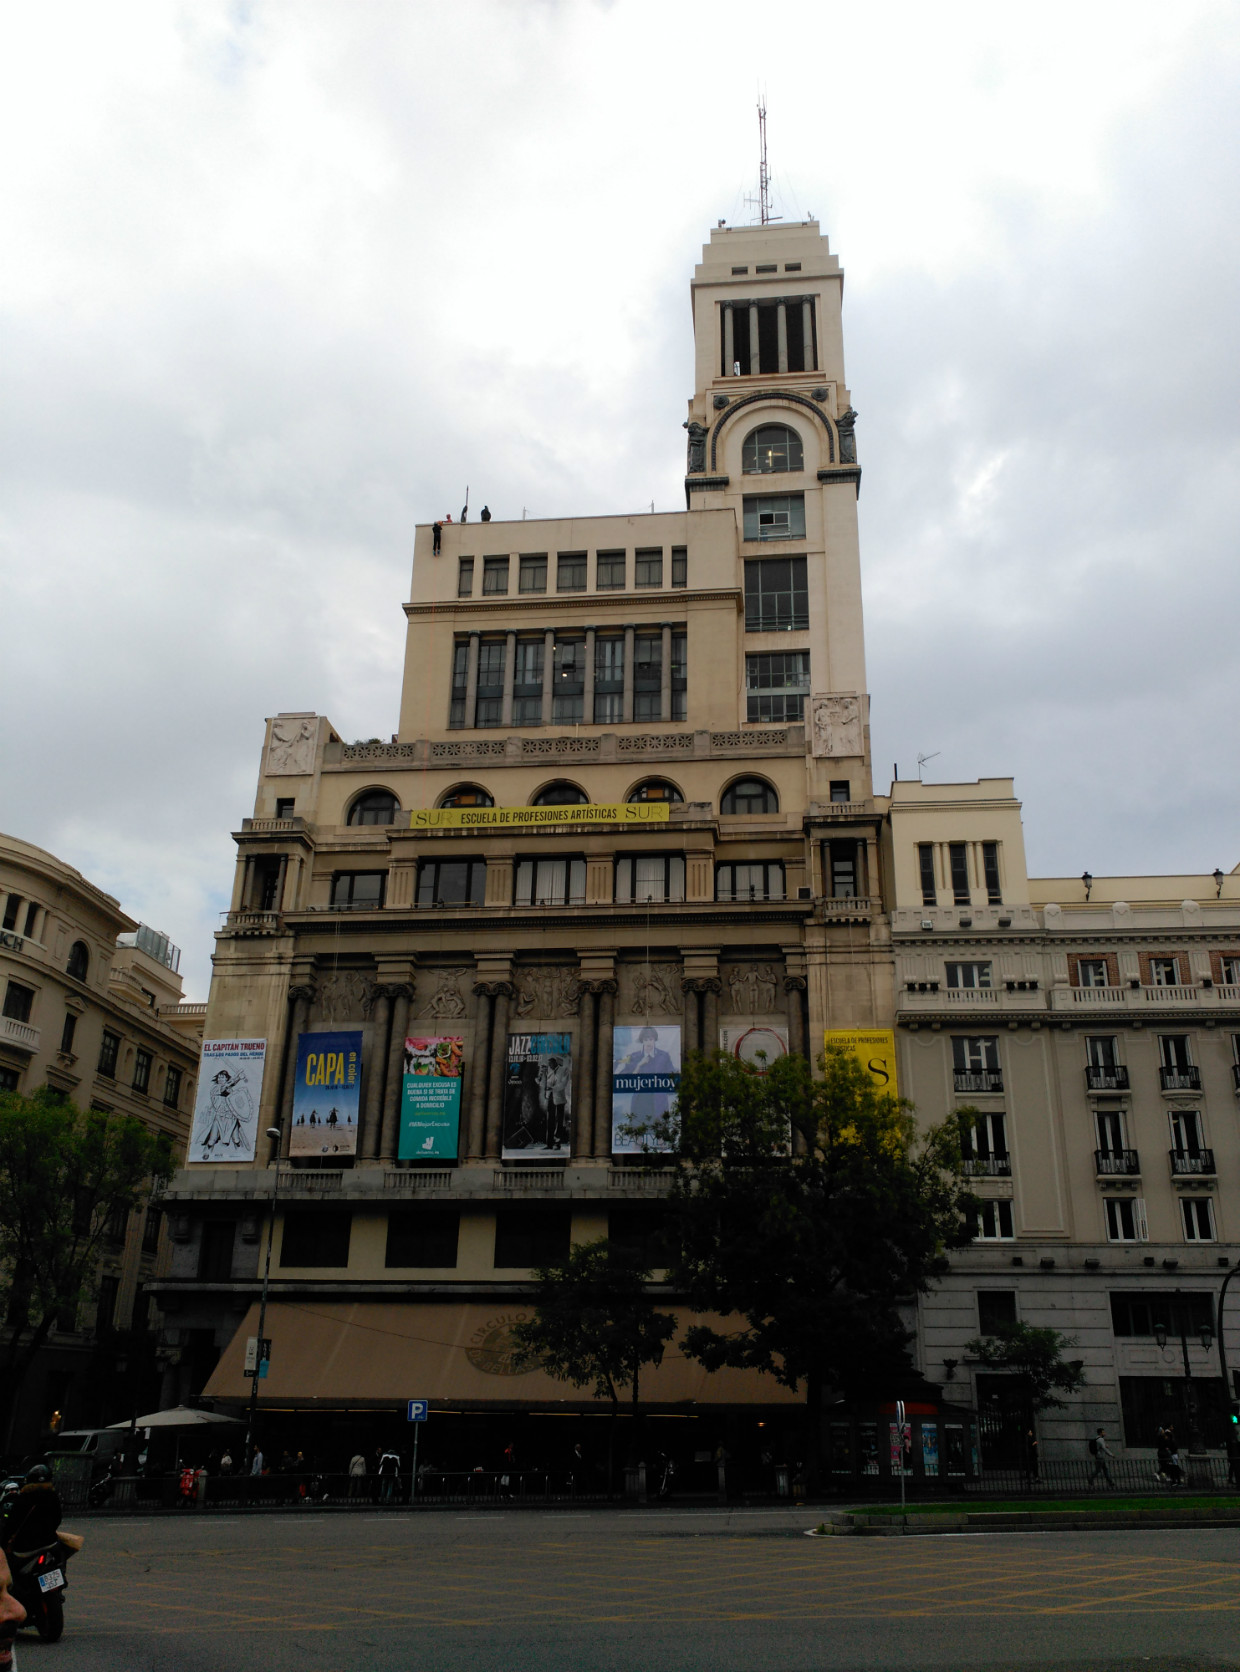 El edificio del CBA, una historia escrita en piedra